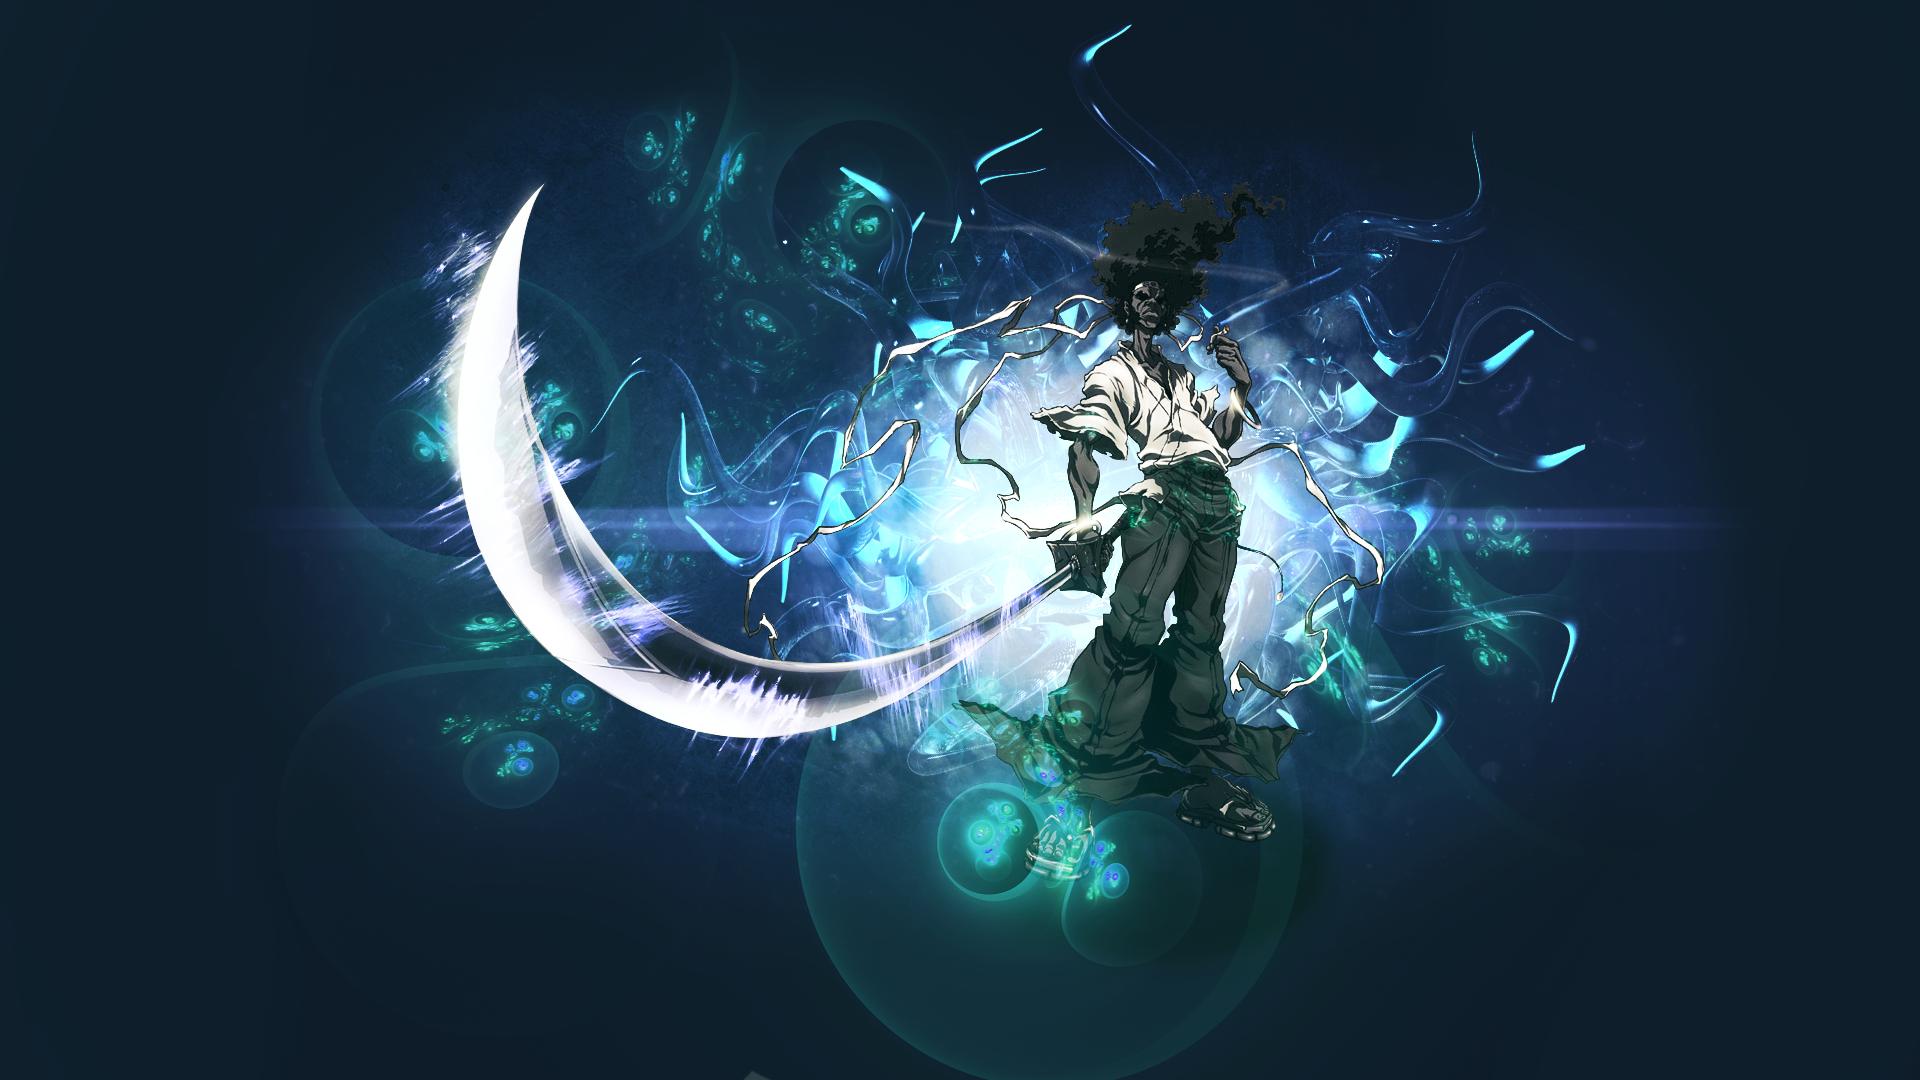 Afro Samurai Background